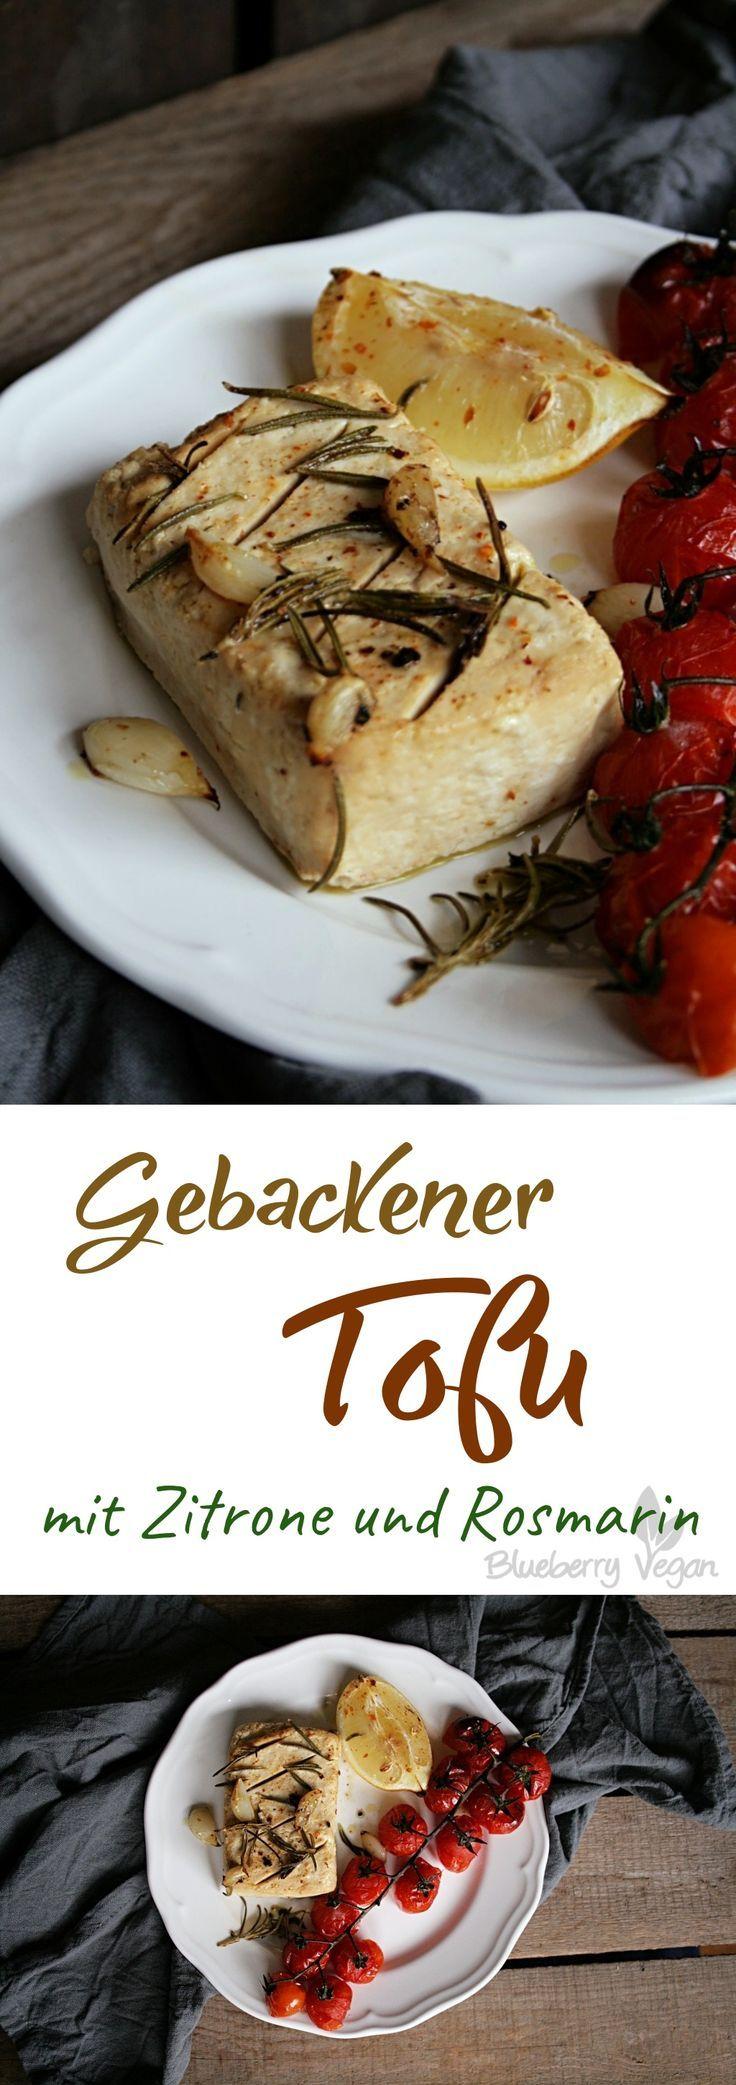 Gebackener Tofu mit Zitrone und Rosmarin #apéritifsfestifs